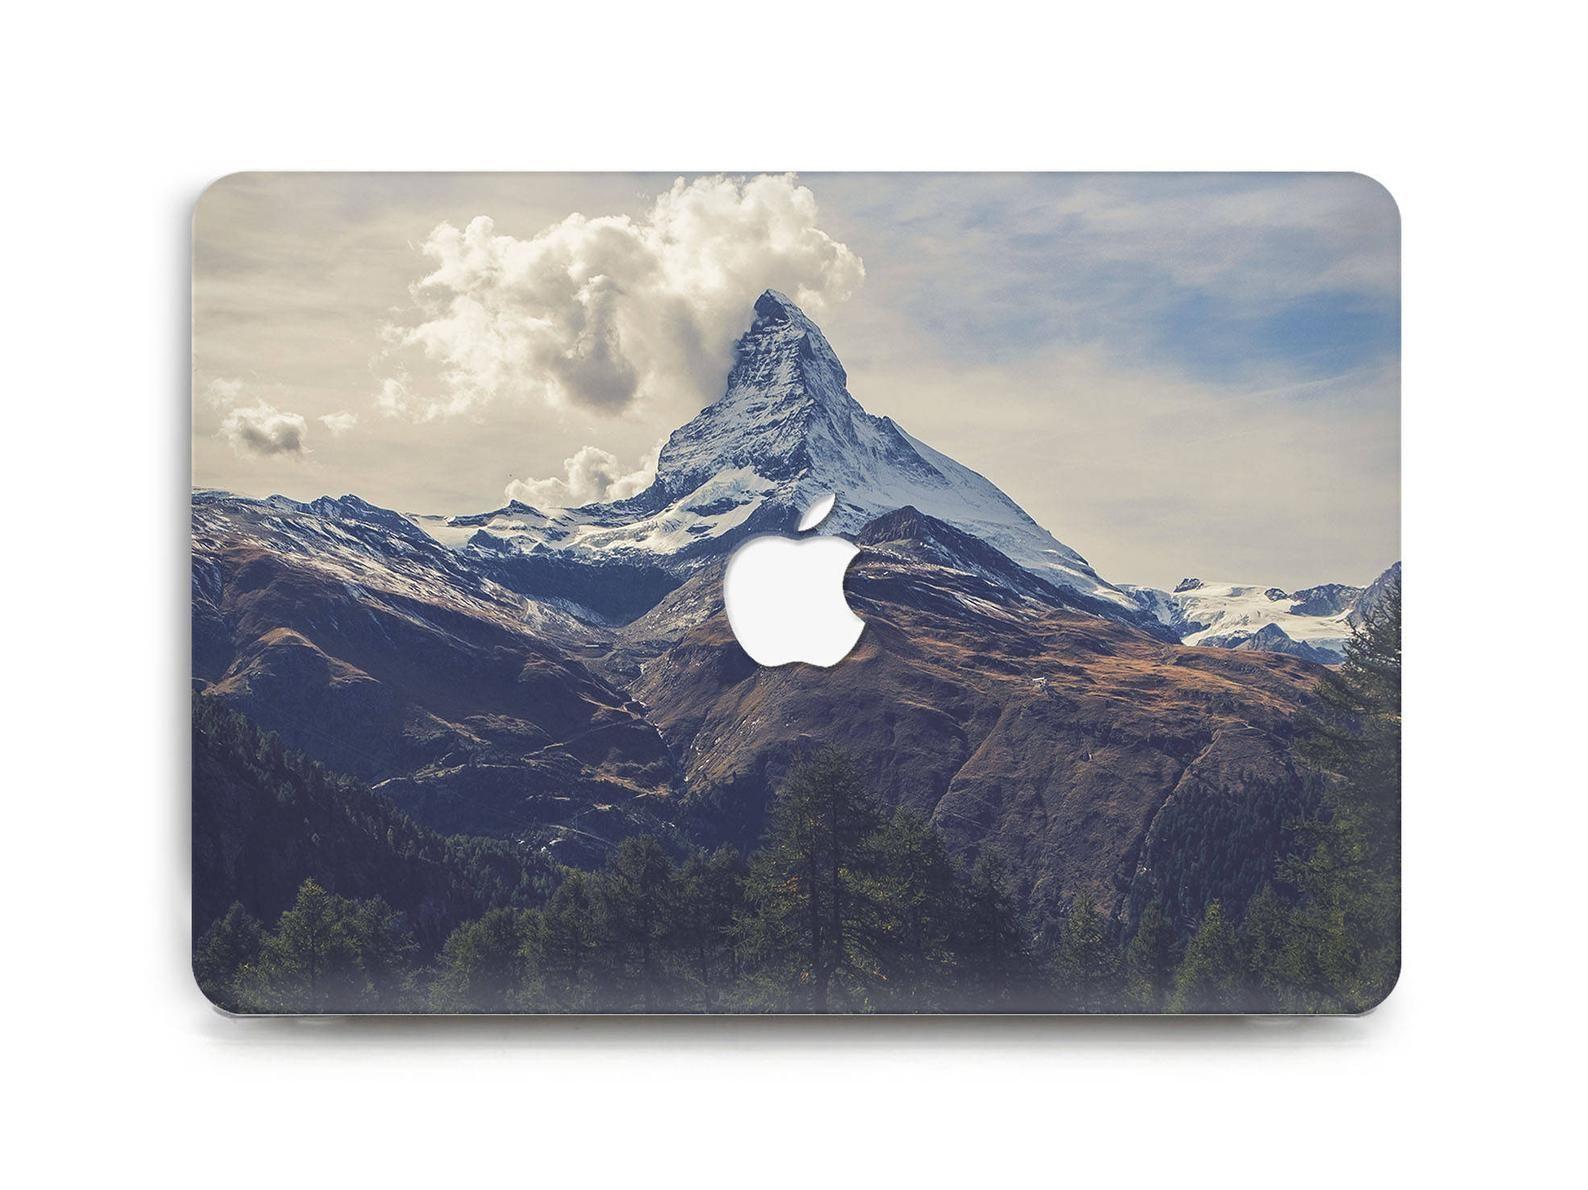 PERFECT NATURE MacBook Pro case MacBook air case Macbook Pro